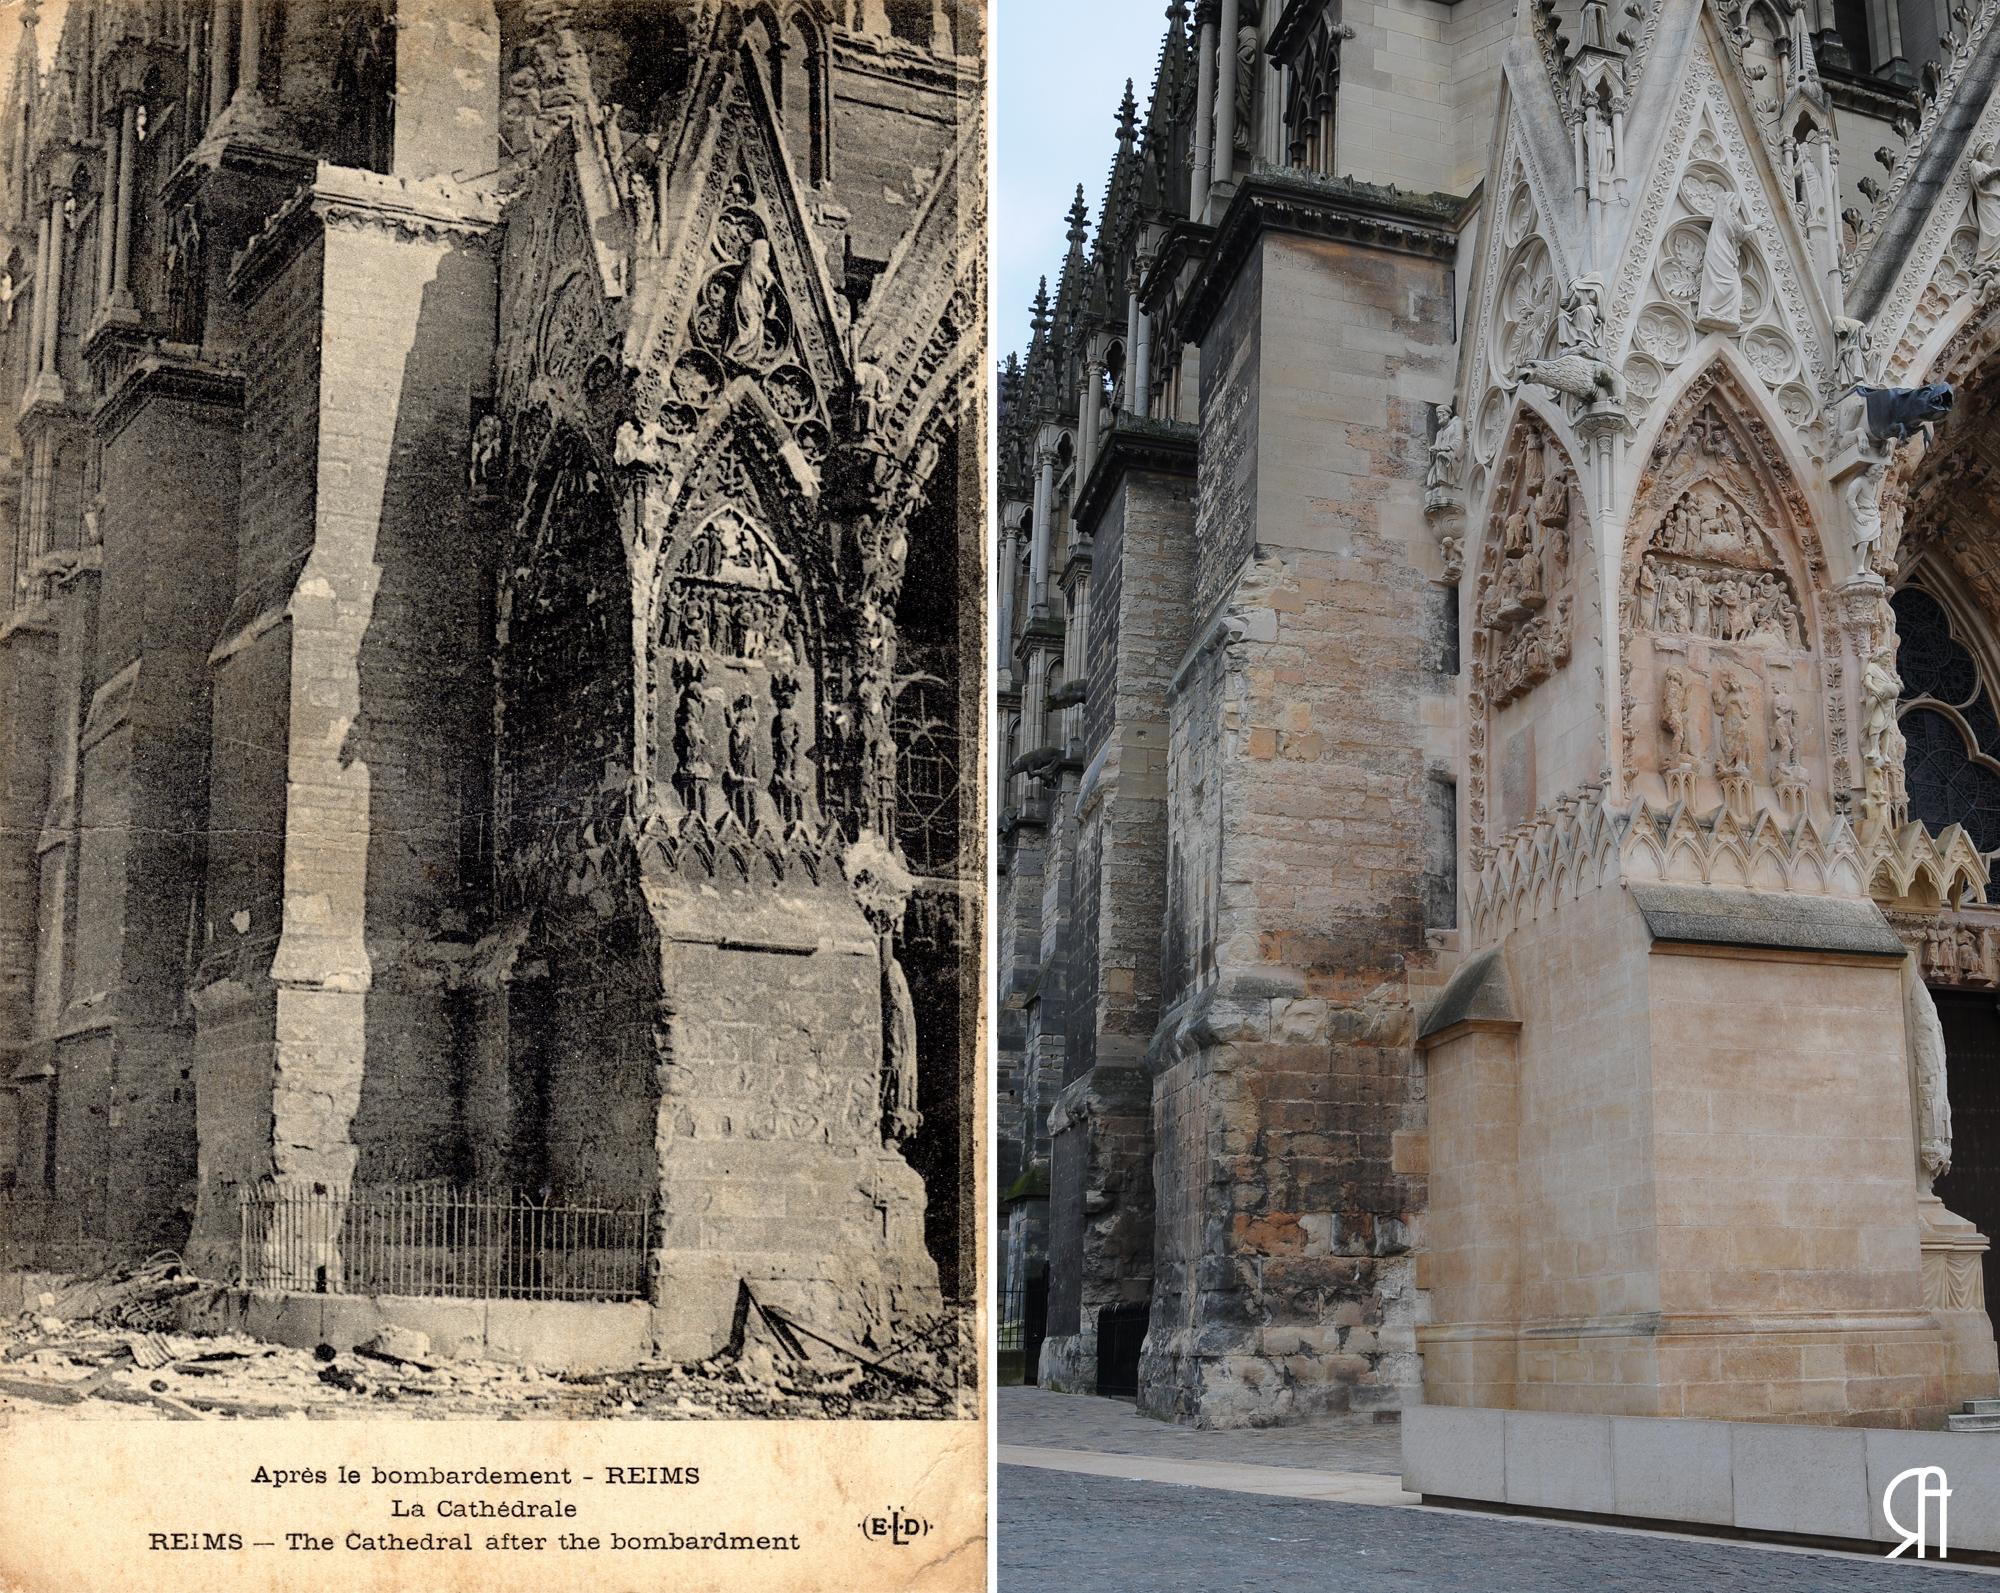 L'angle nord/ouest de la cathédrale après le bombardement